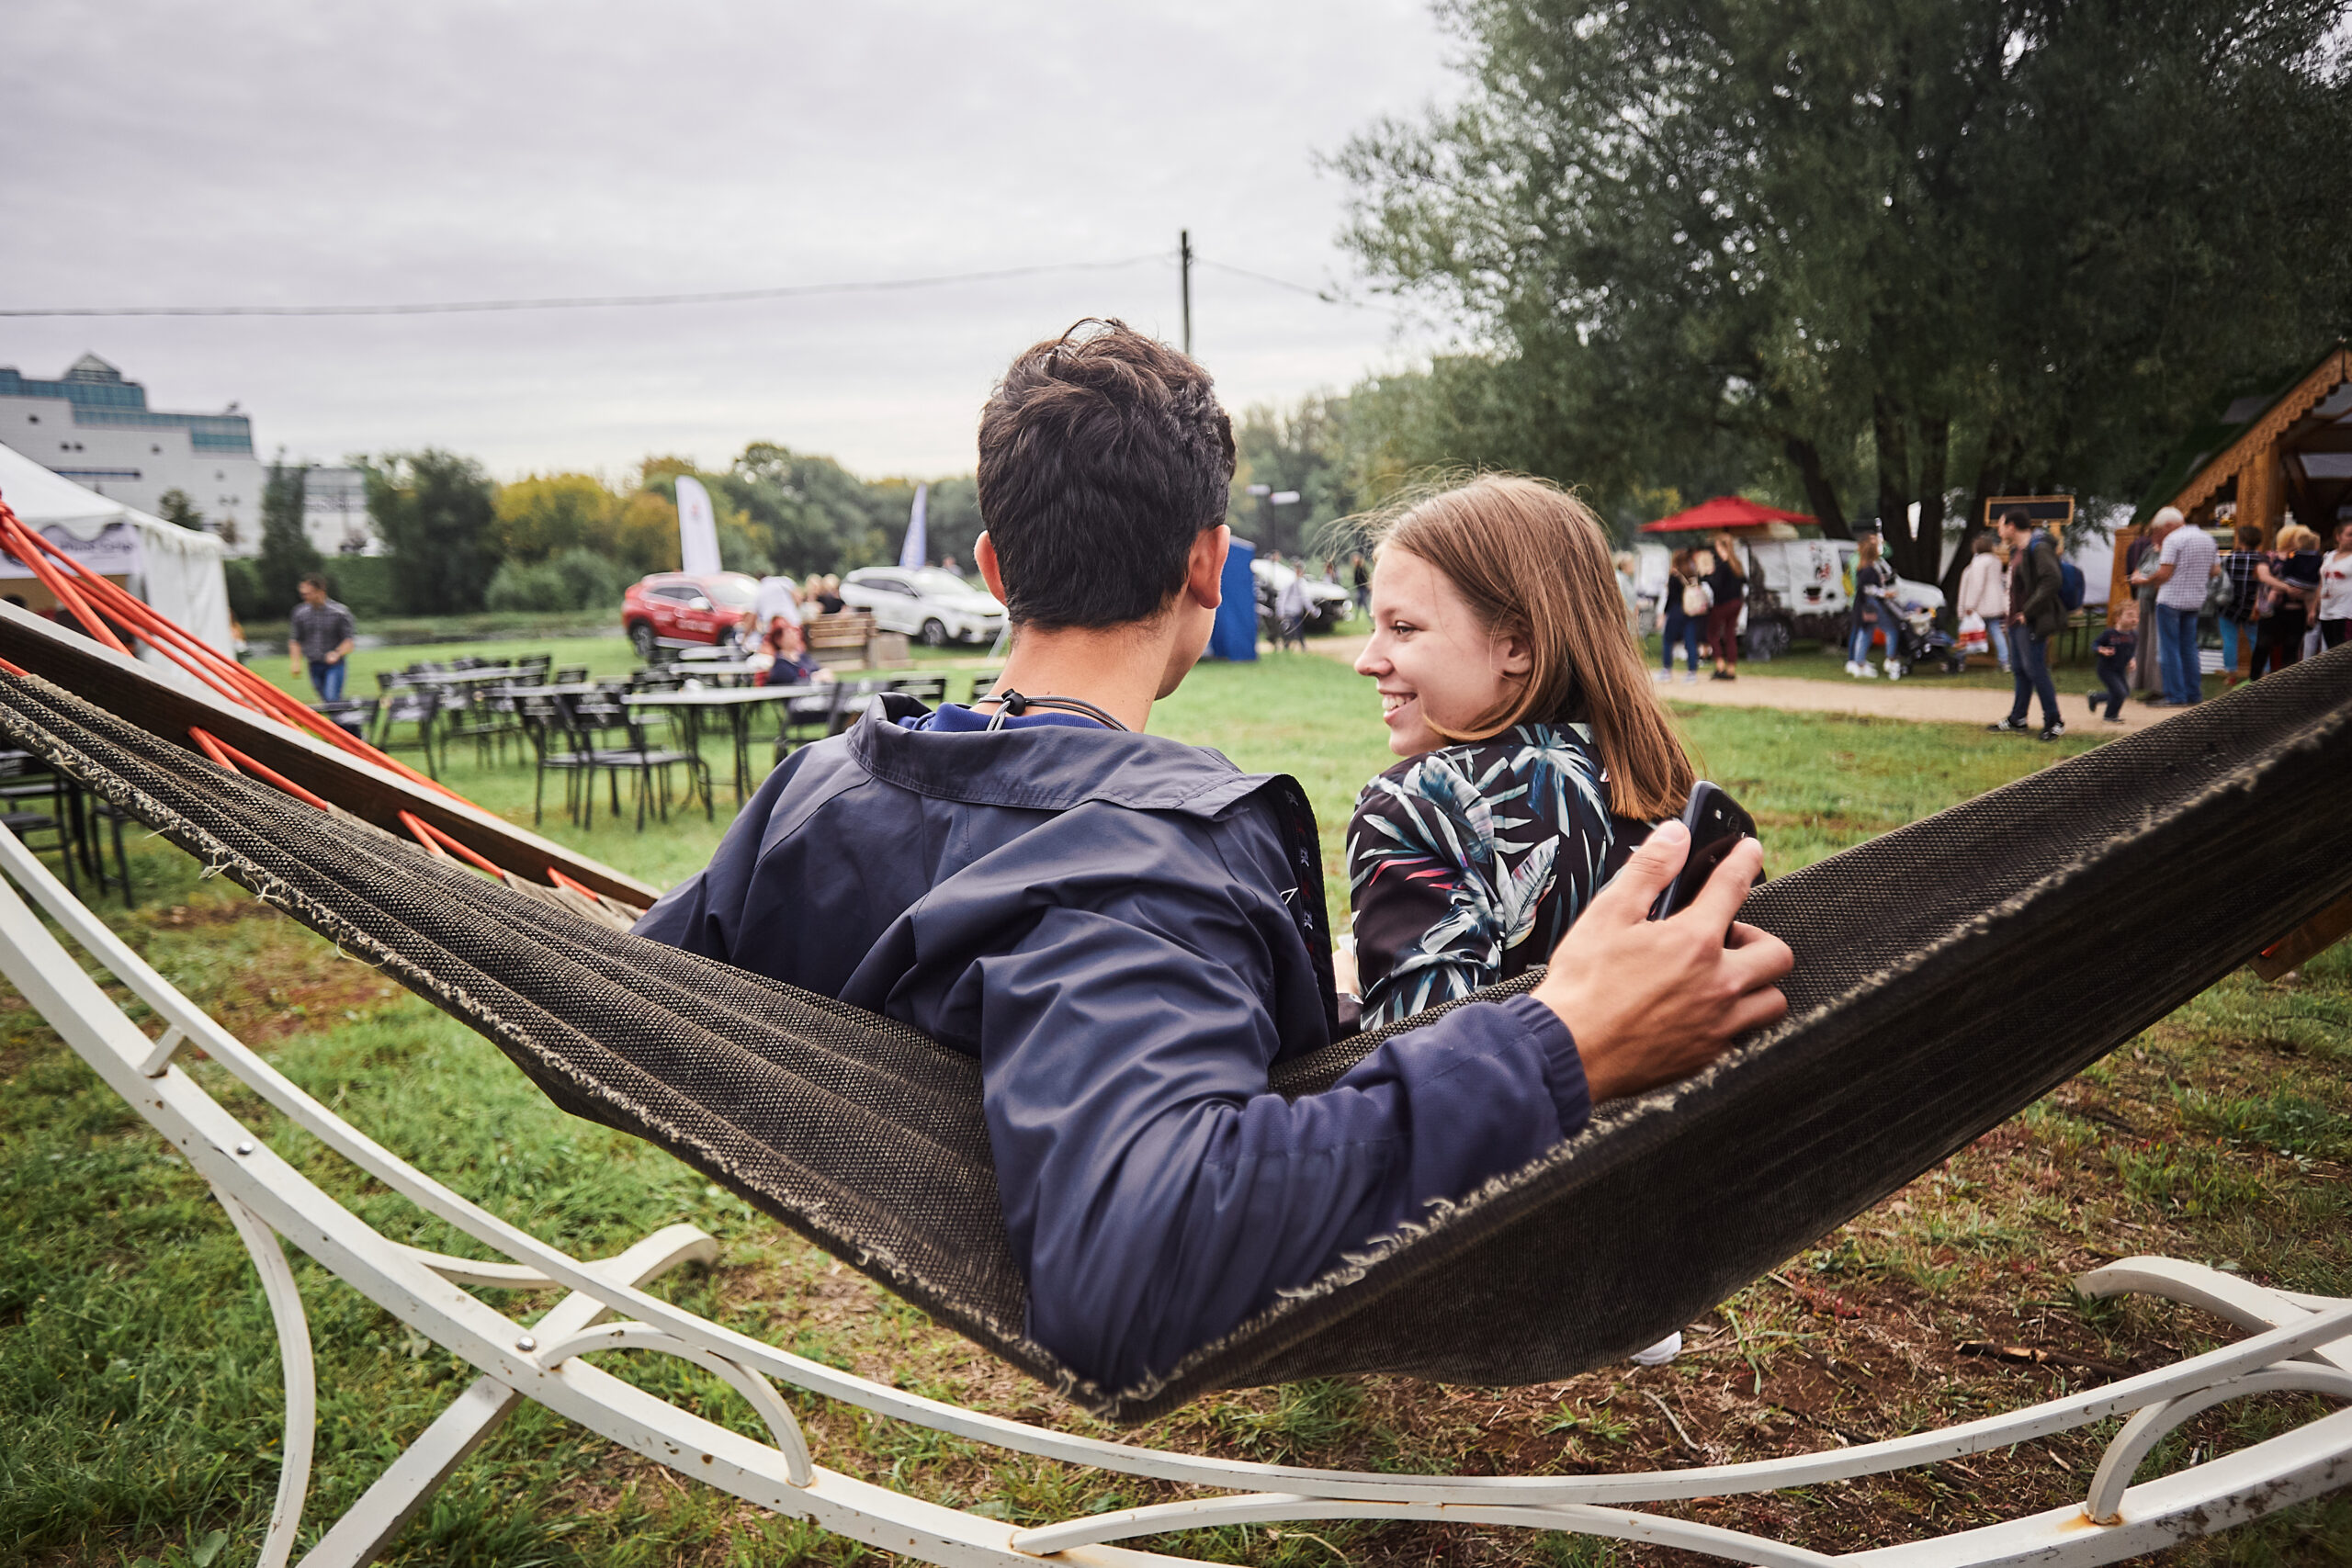 Тверская область вошла в топ-10 мест отдыха для молодёжи